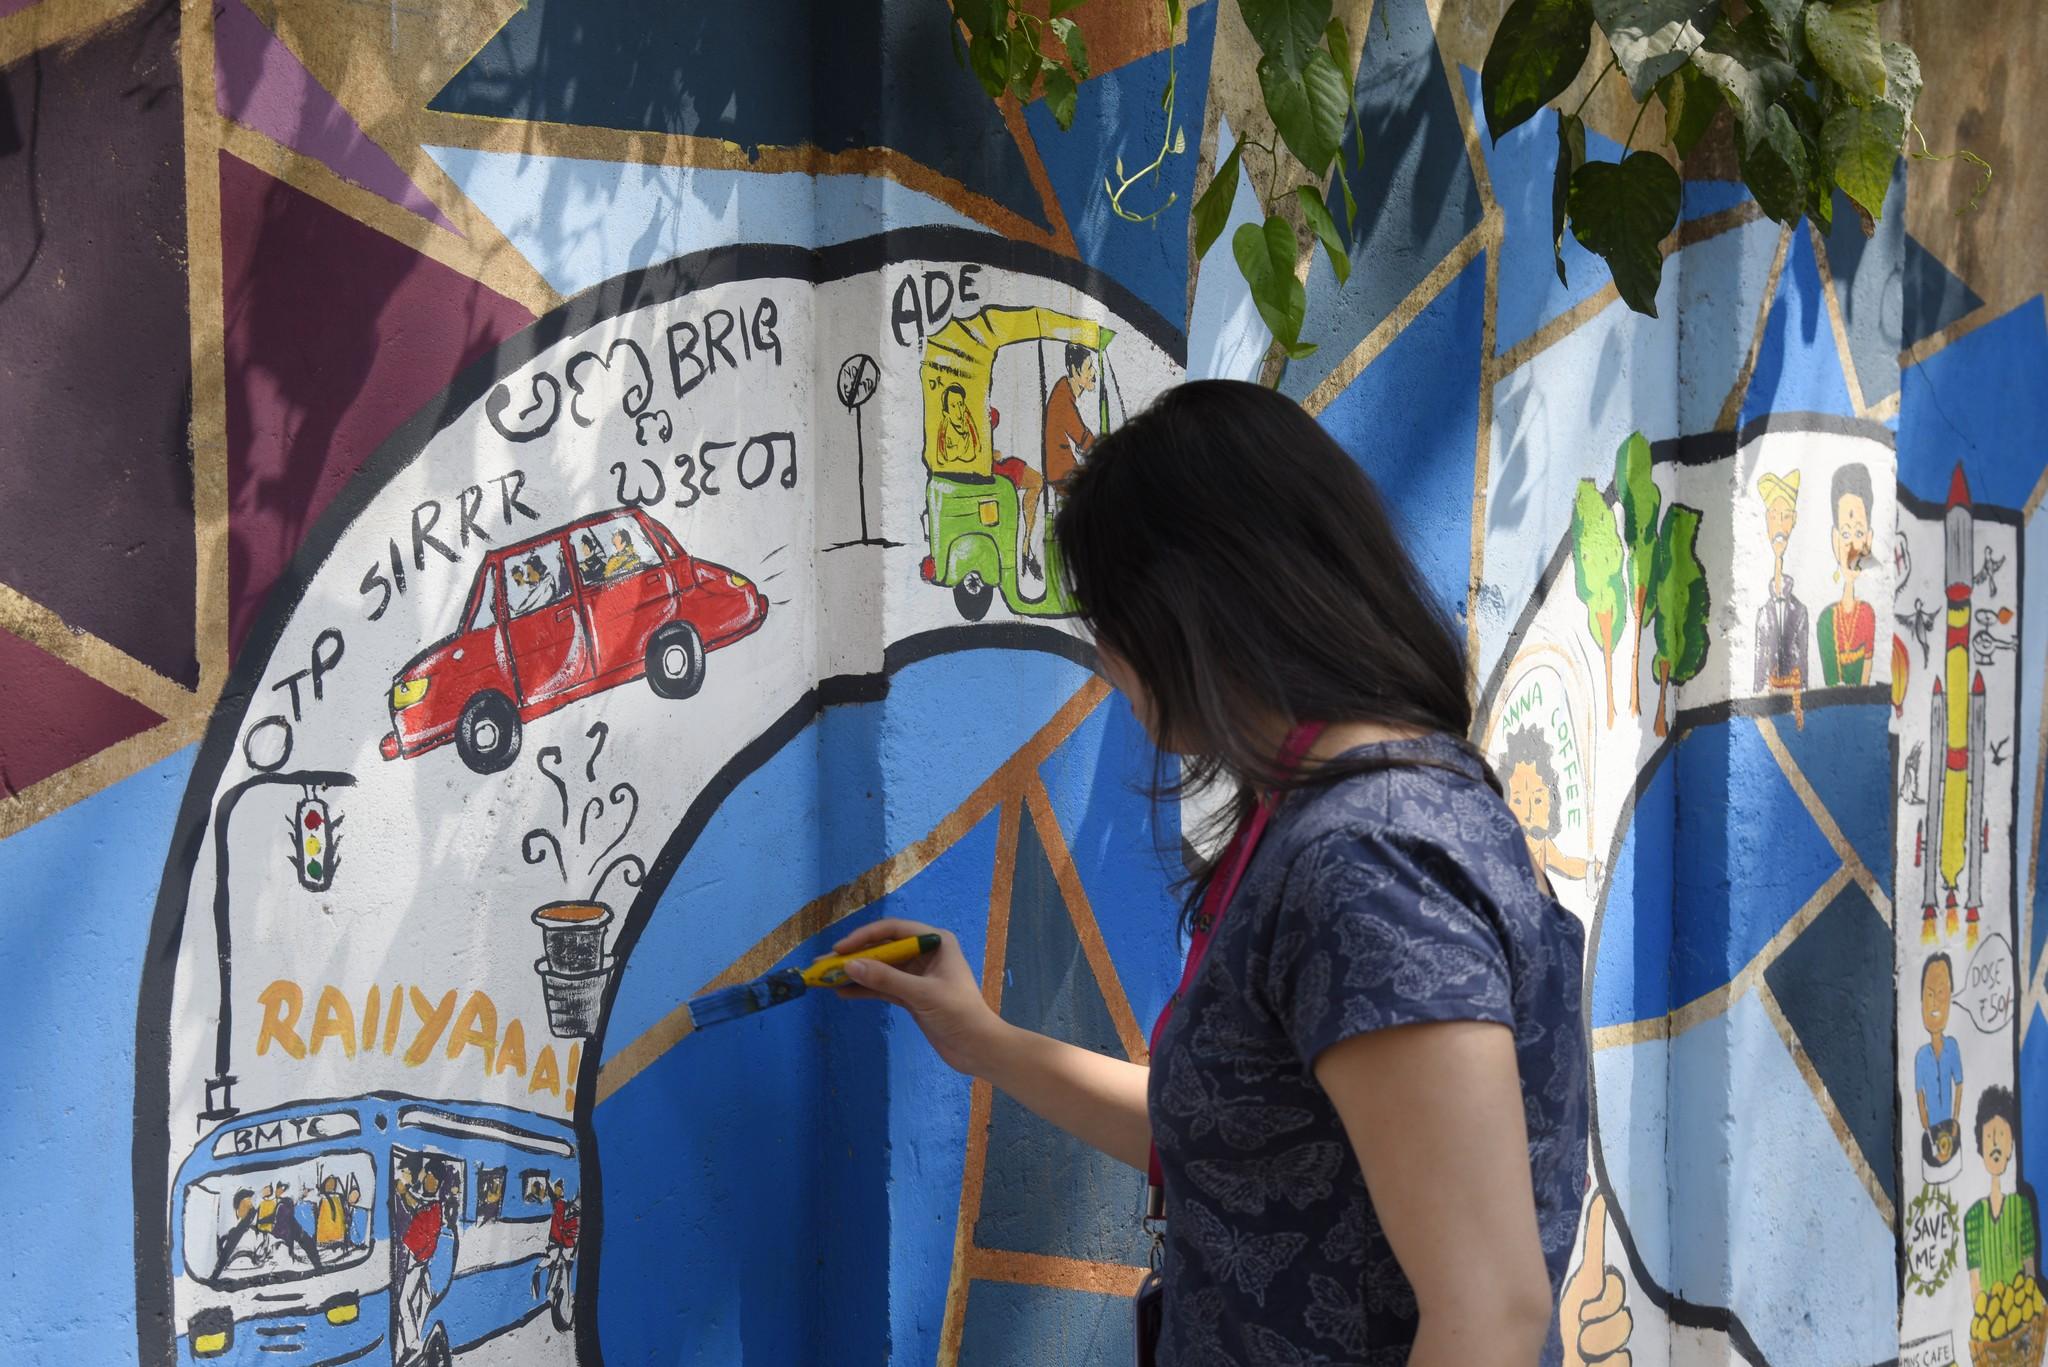 Namma Bengaluru – Wall art by students of JD Institute namma bengaluru - Namma Bengaluru 4 - Namma Bengaluru – Wall art by students of JD Institute